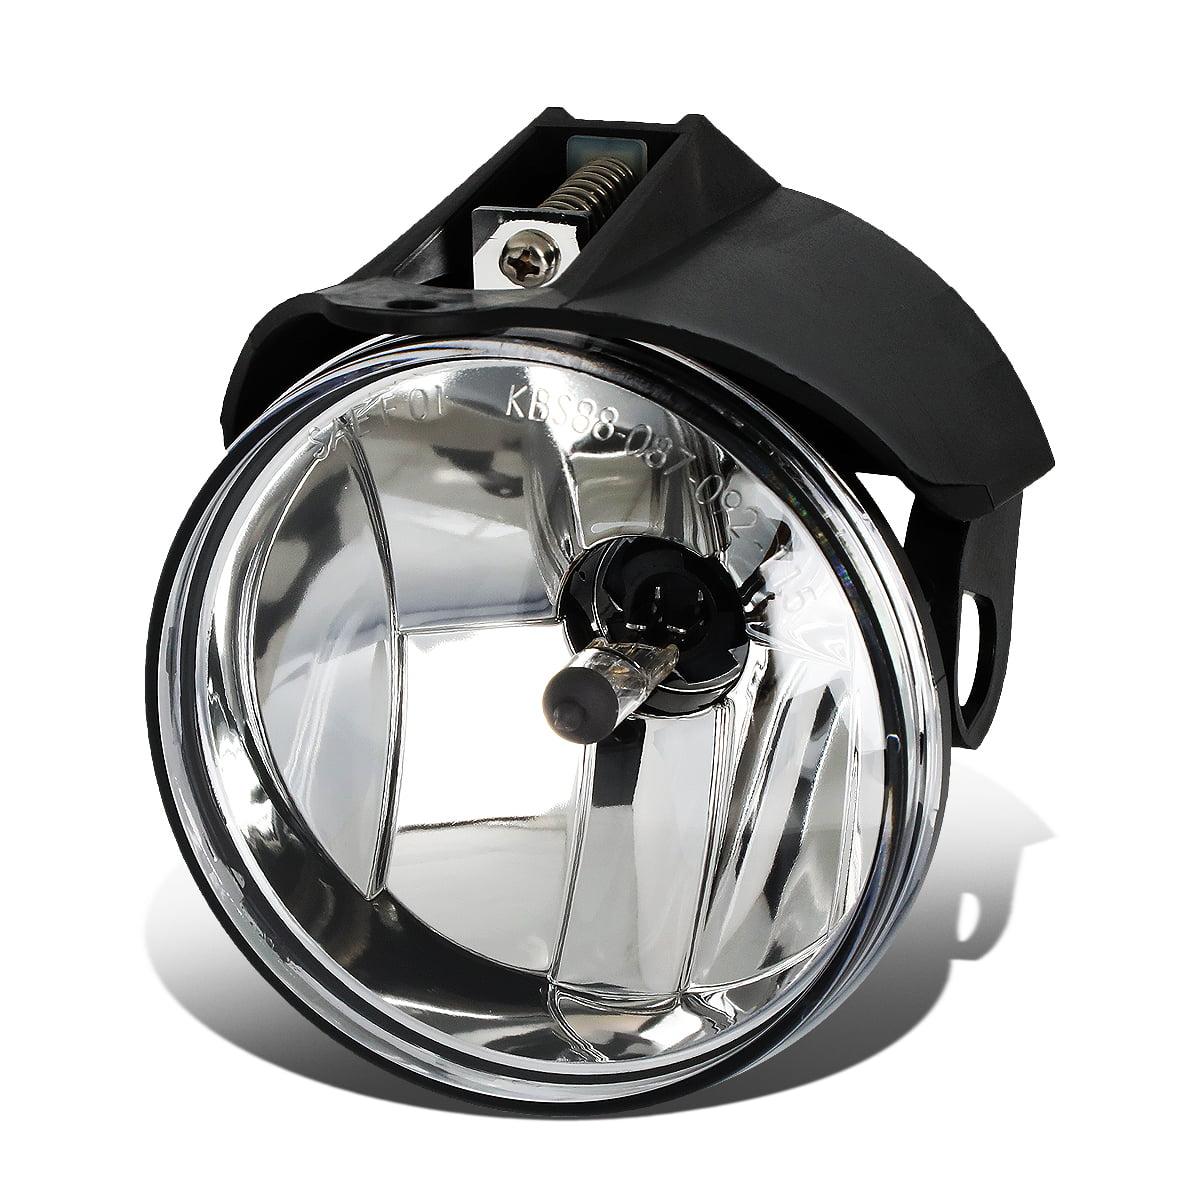 For 01-06 Chrysler Sebring/Pacifica/Dodge Stratus Front Bumper Fog Light/Lamp 1Pc Left or Right 02 03 04 05